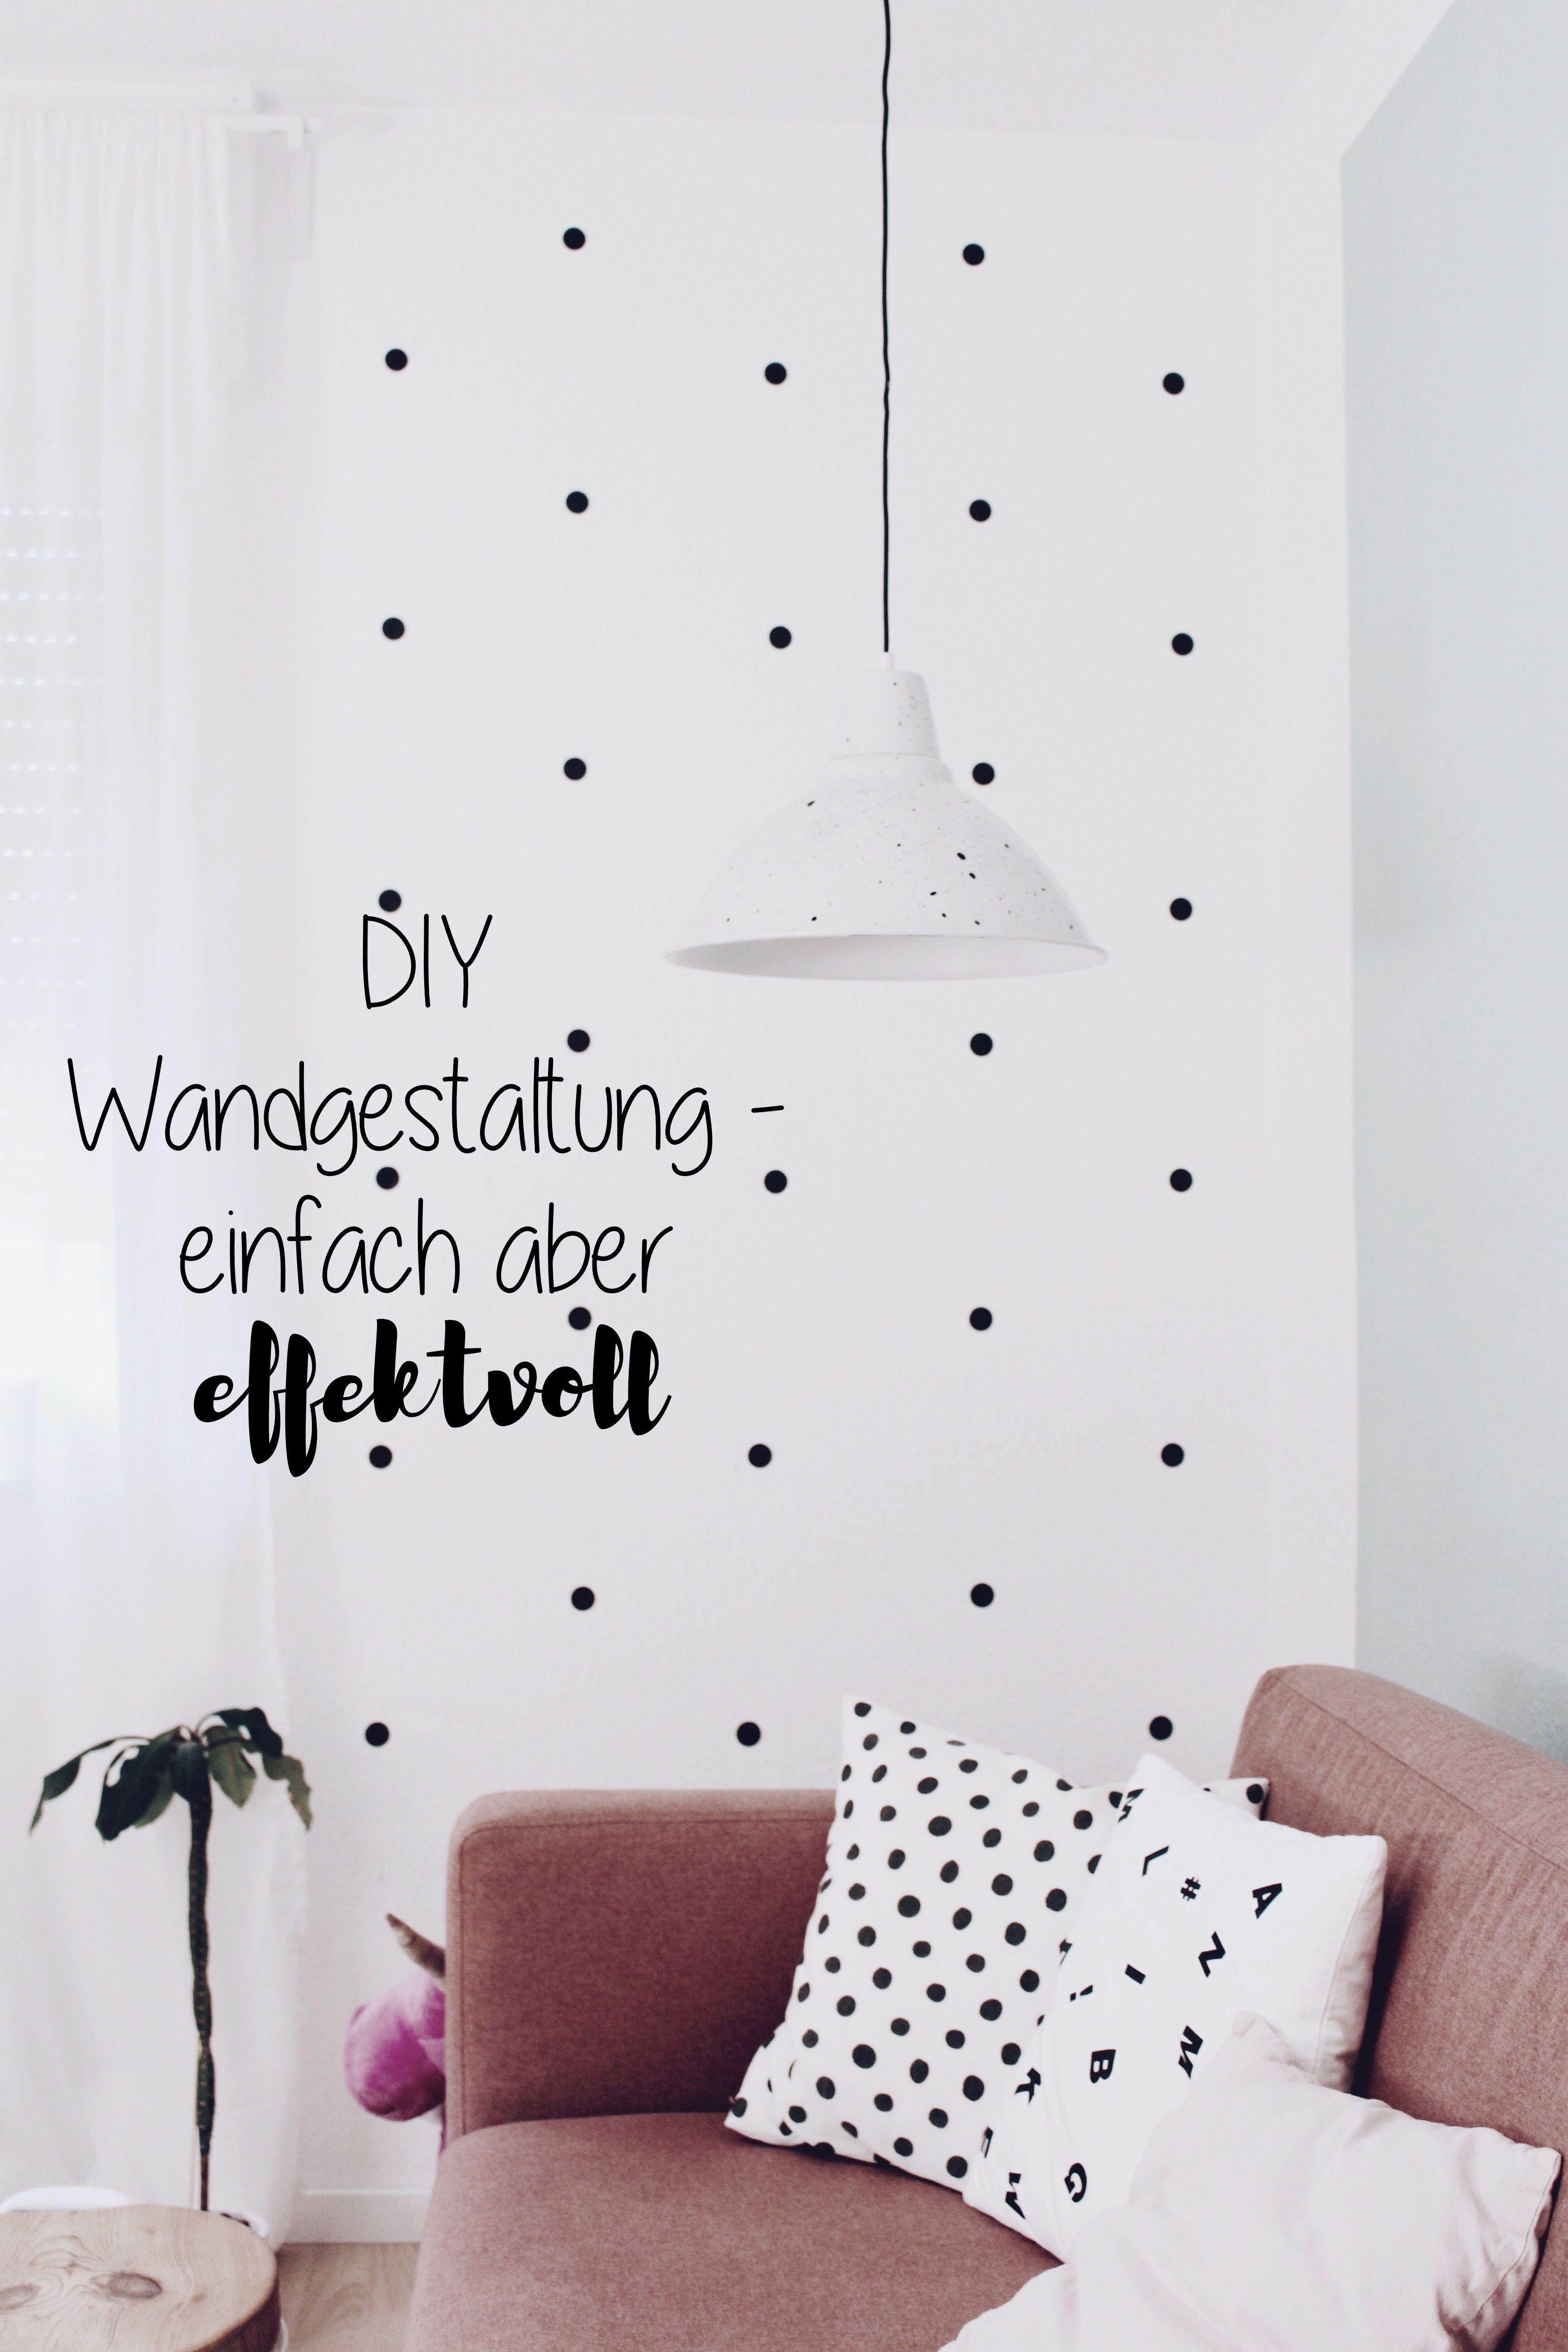 Diy Wandgestaltung Einfach Aber Effektiv Diy Wandgestaltung Wandgestaltung Kinderzimmer Gestalten